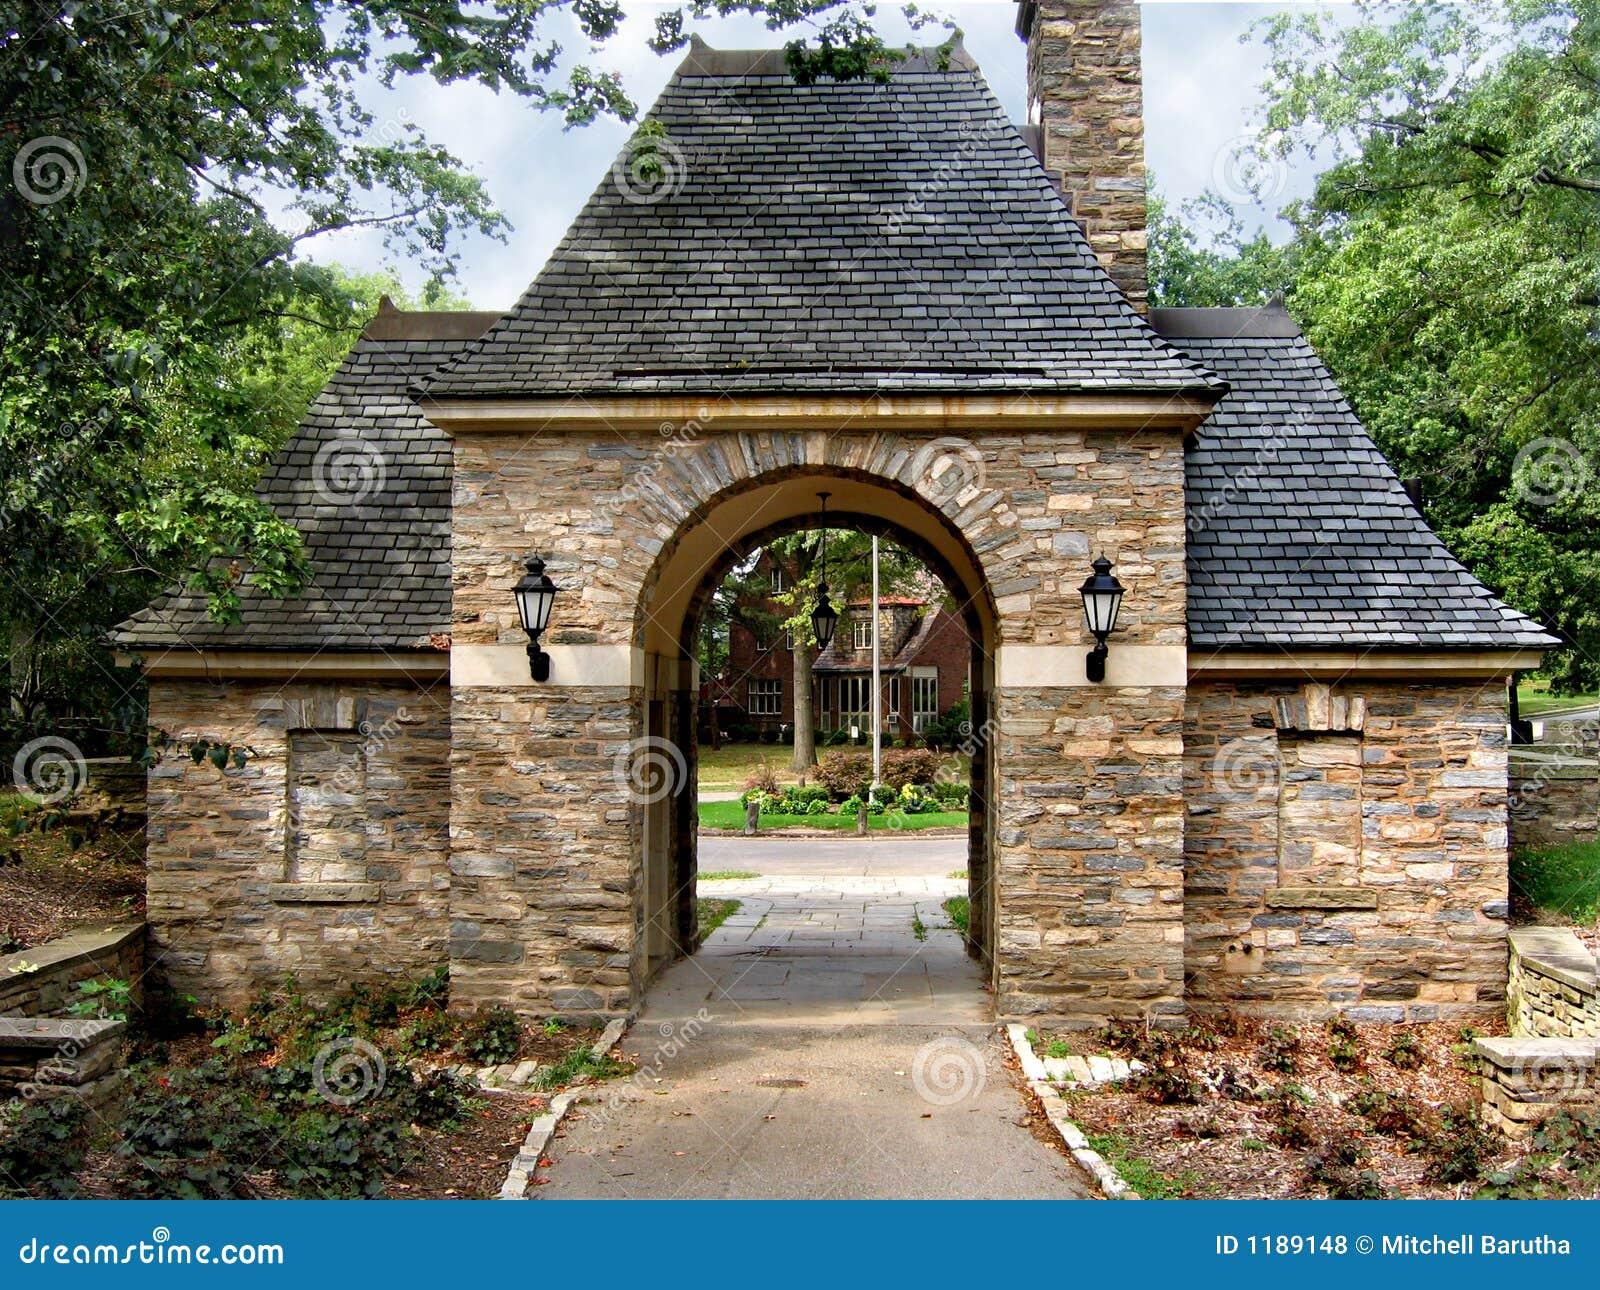 Stone Gatehouse Stock Photo Image Of Shingles Arch